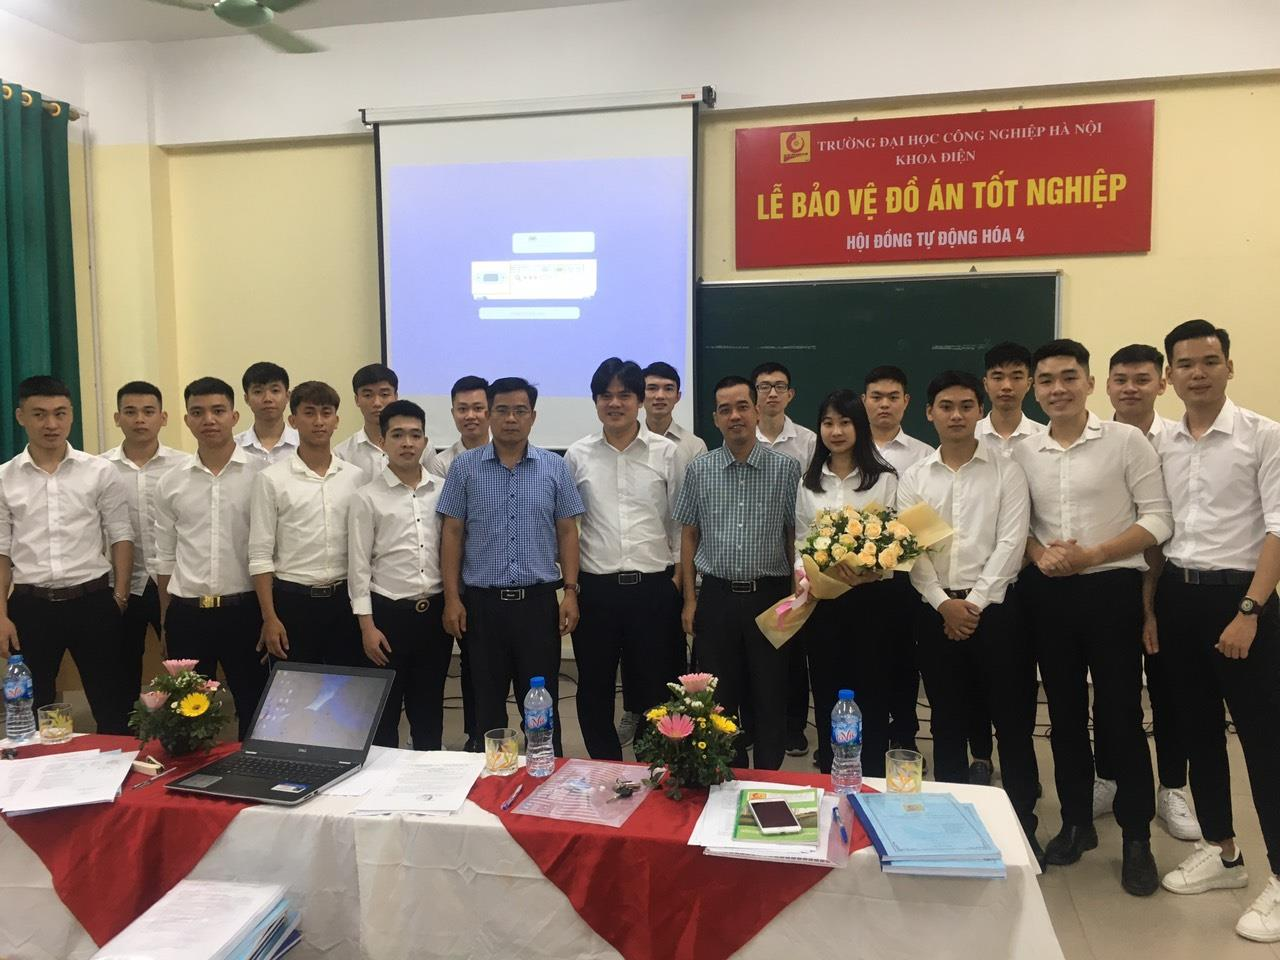 Sinh viên đại học chính quy K11 khoa Điện rạng rỡ trong ngày bảo vệ đồ án tốt nghiệp 2020